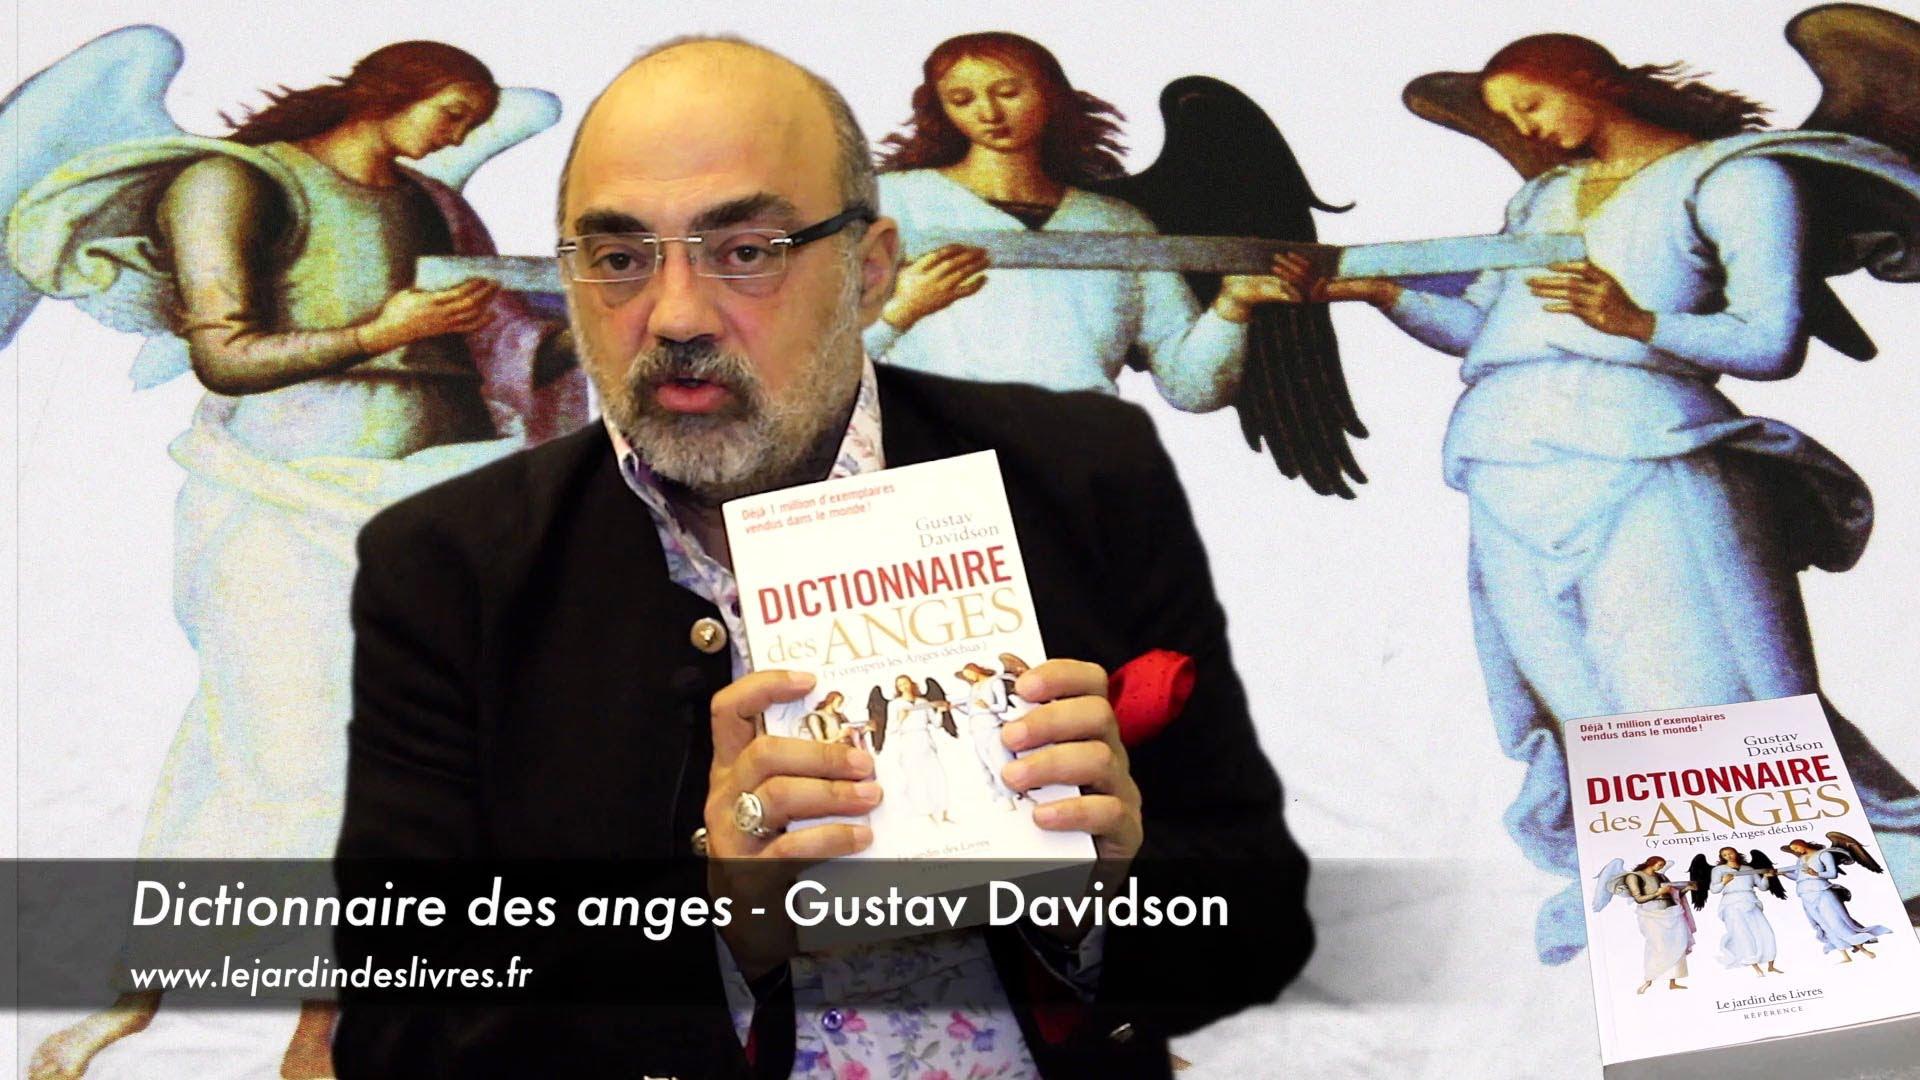 Gustav Davidson